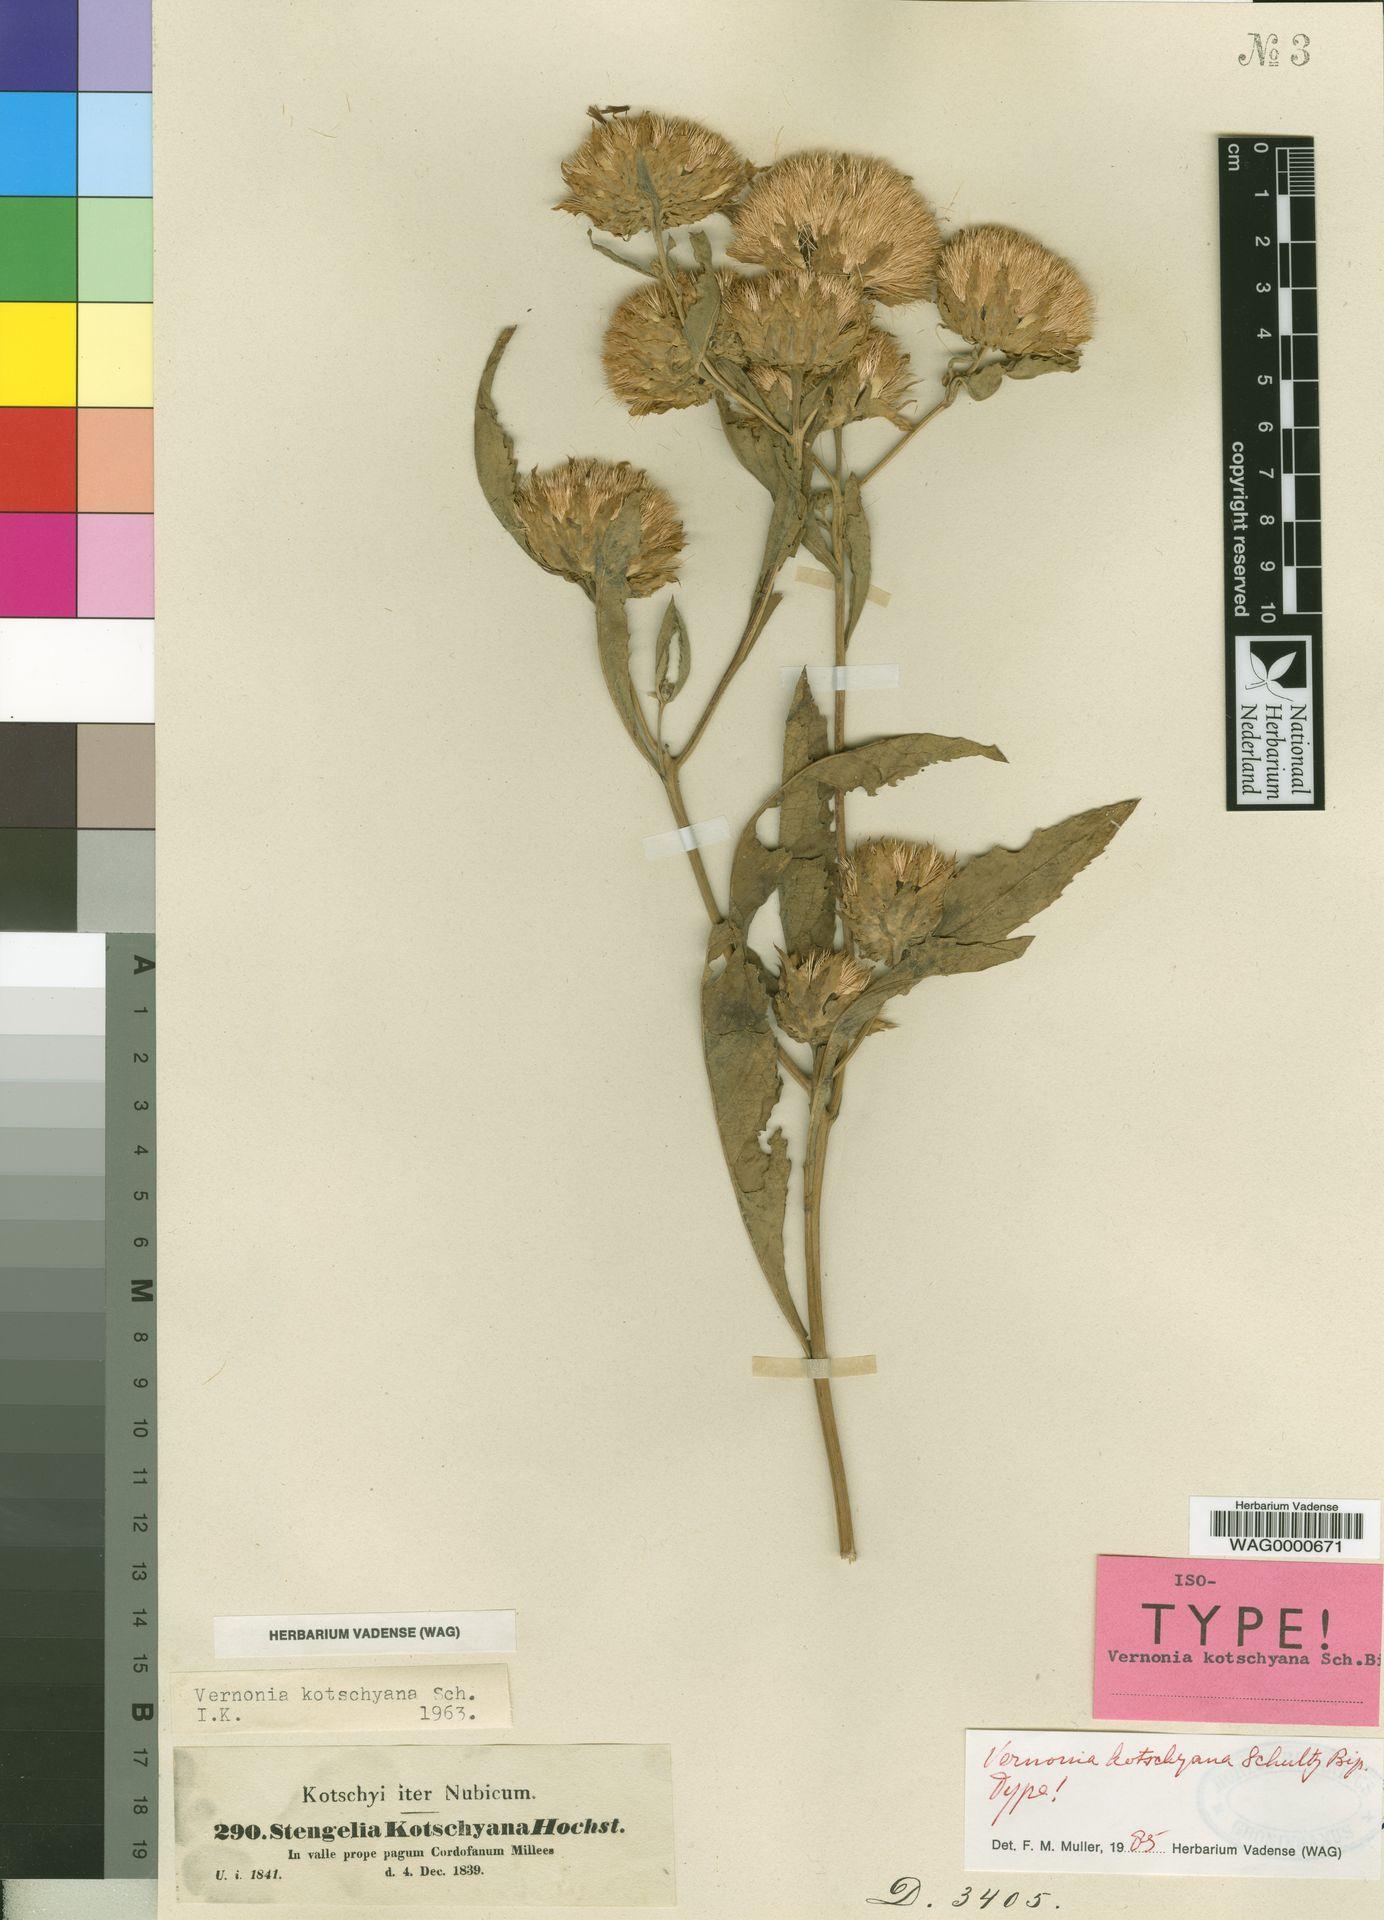 WAG0000671 | Vernonia kotschyana Sch.Bip.